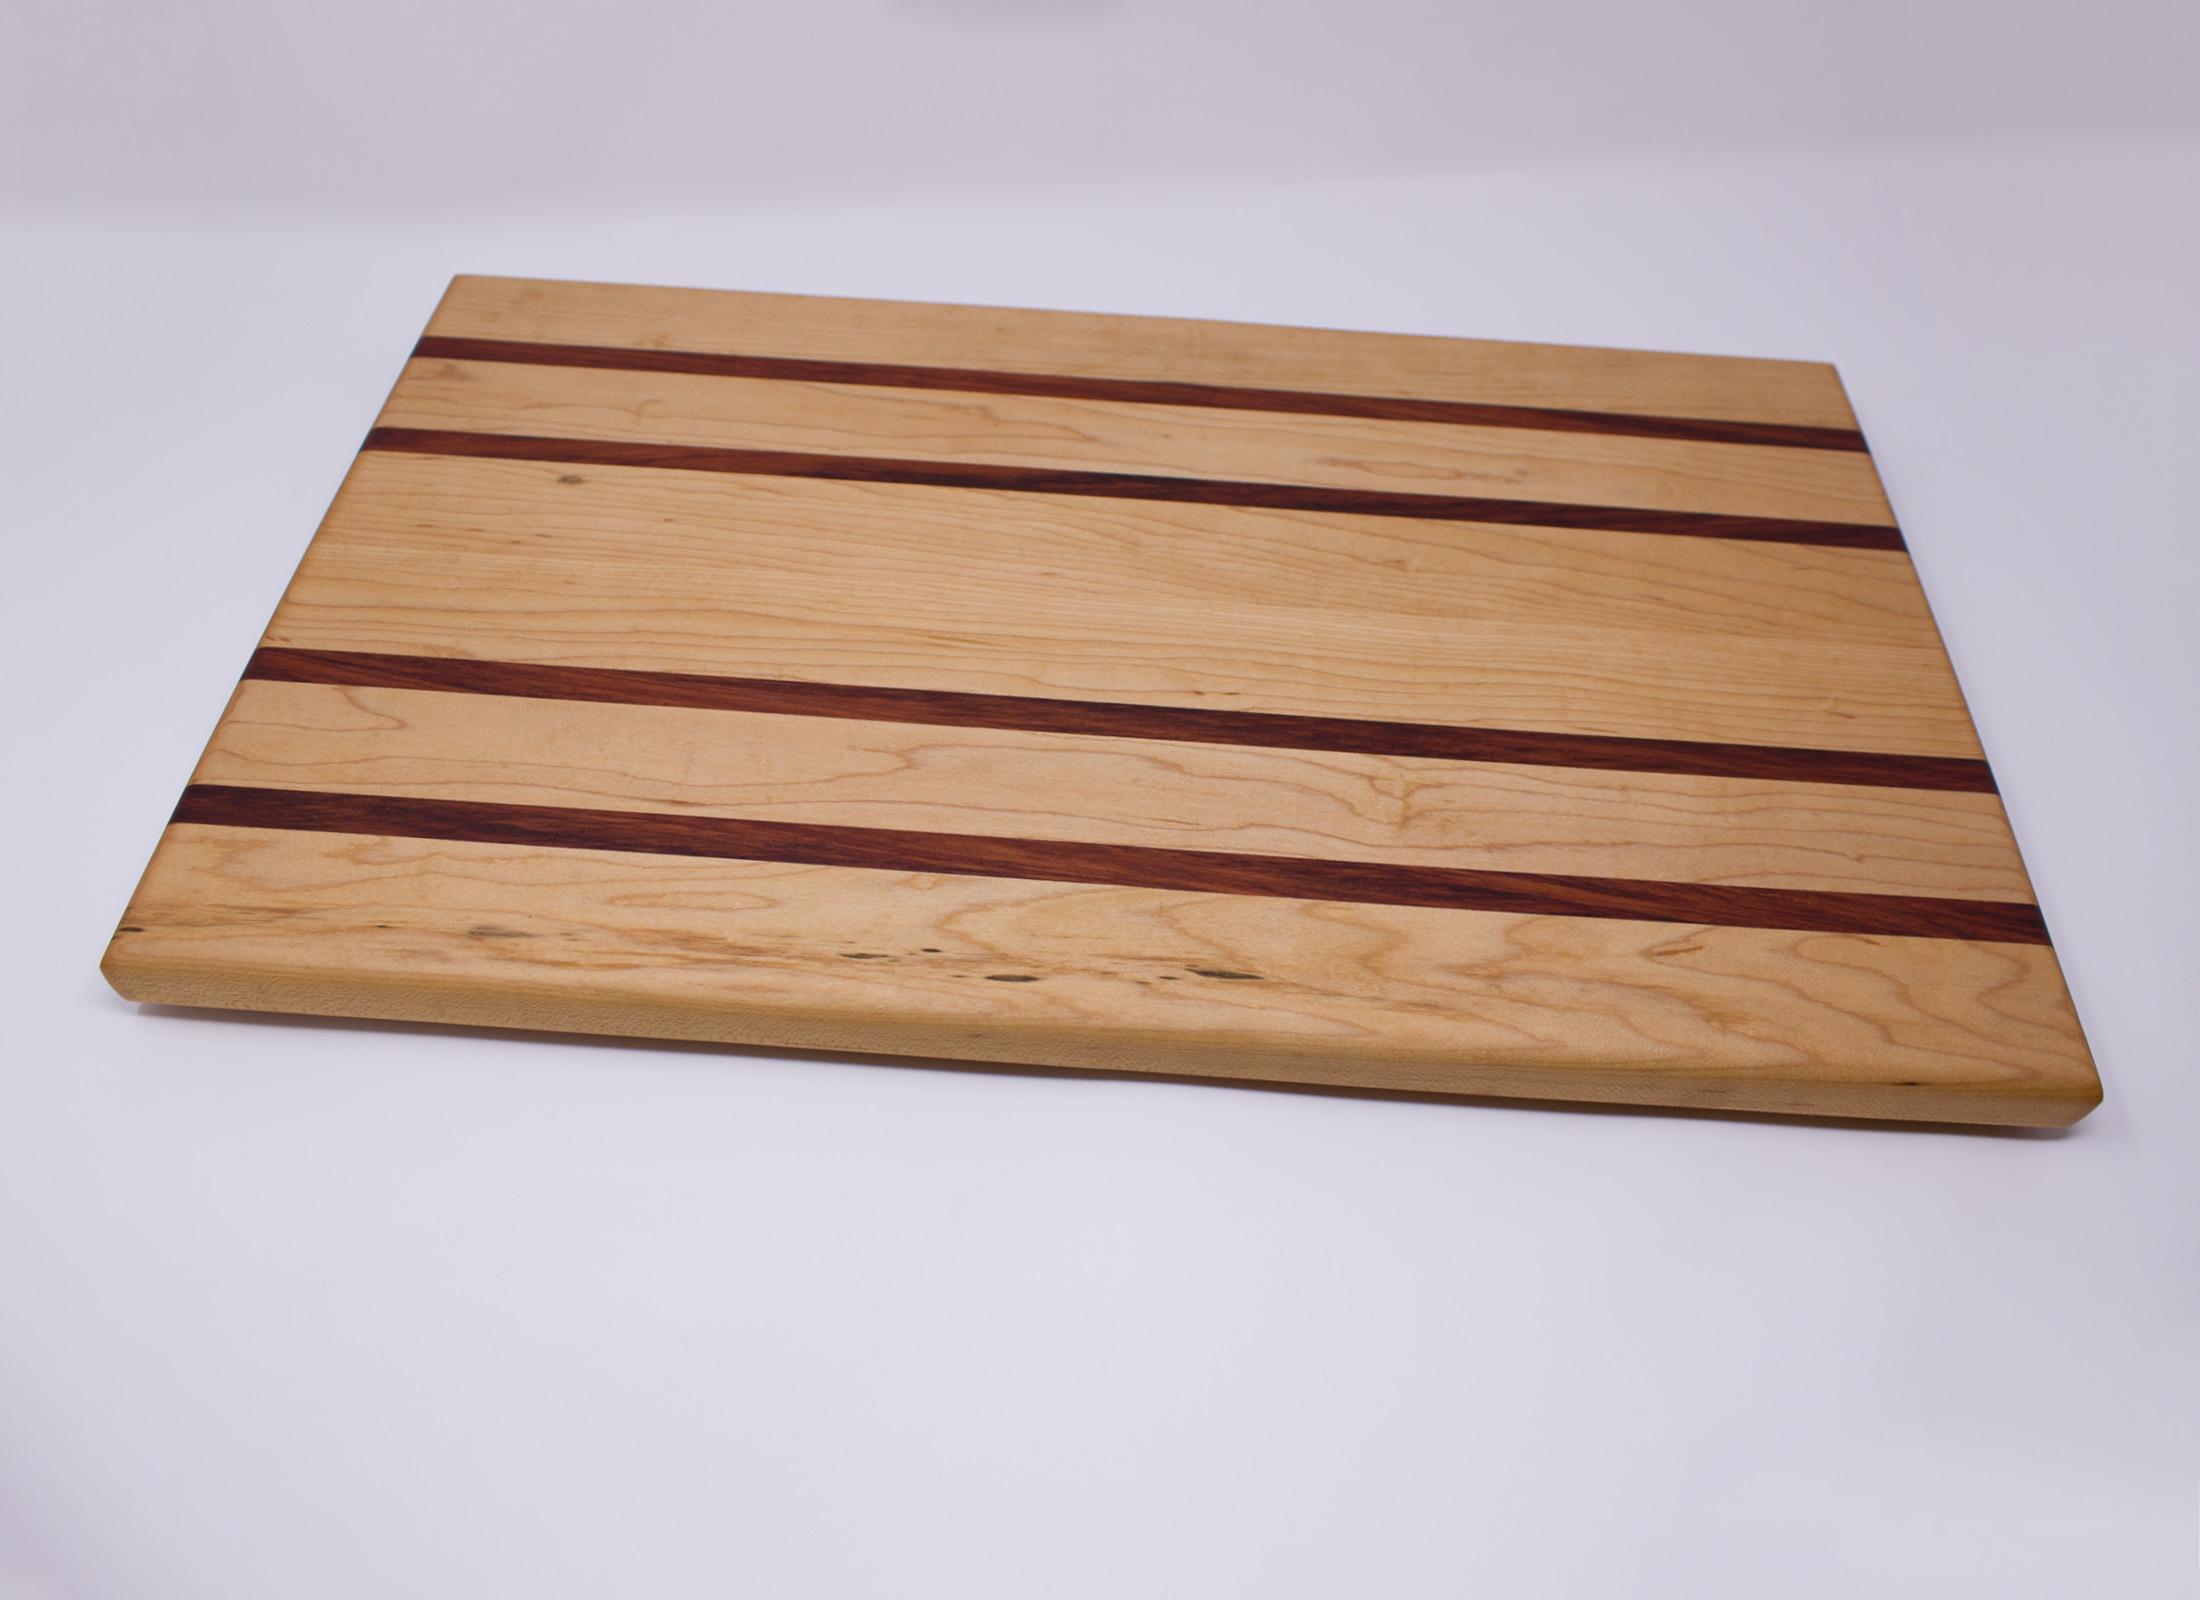 Striped Cutting Board